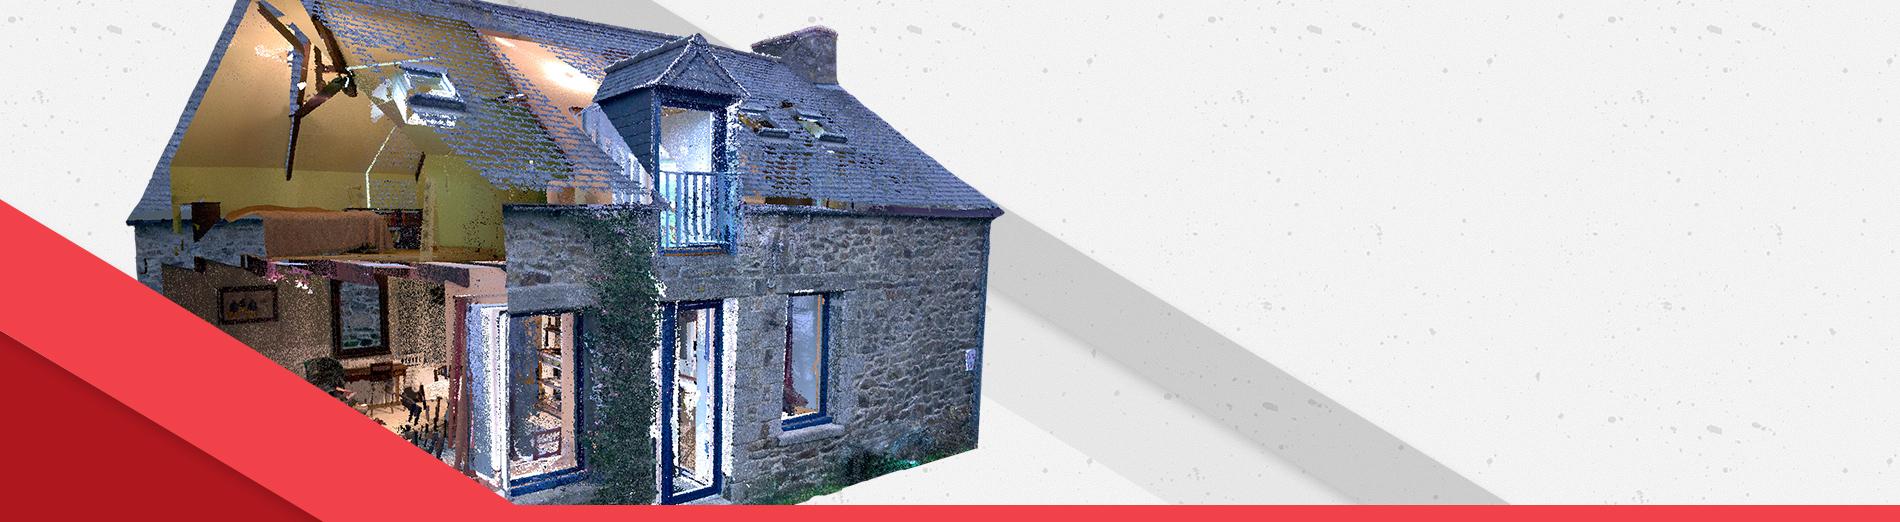 Numérisation 3D Maison